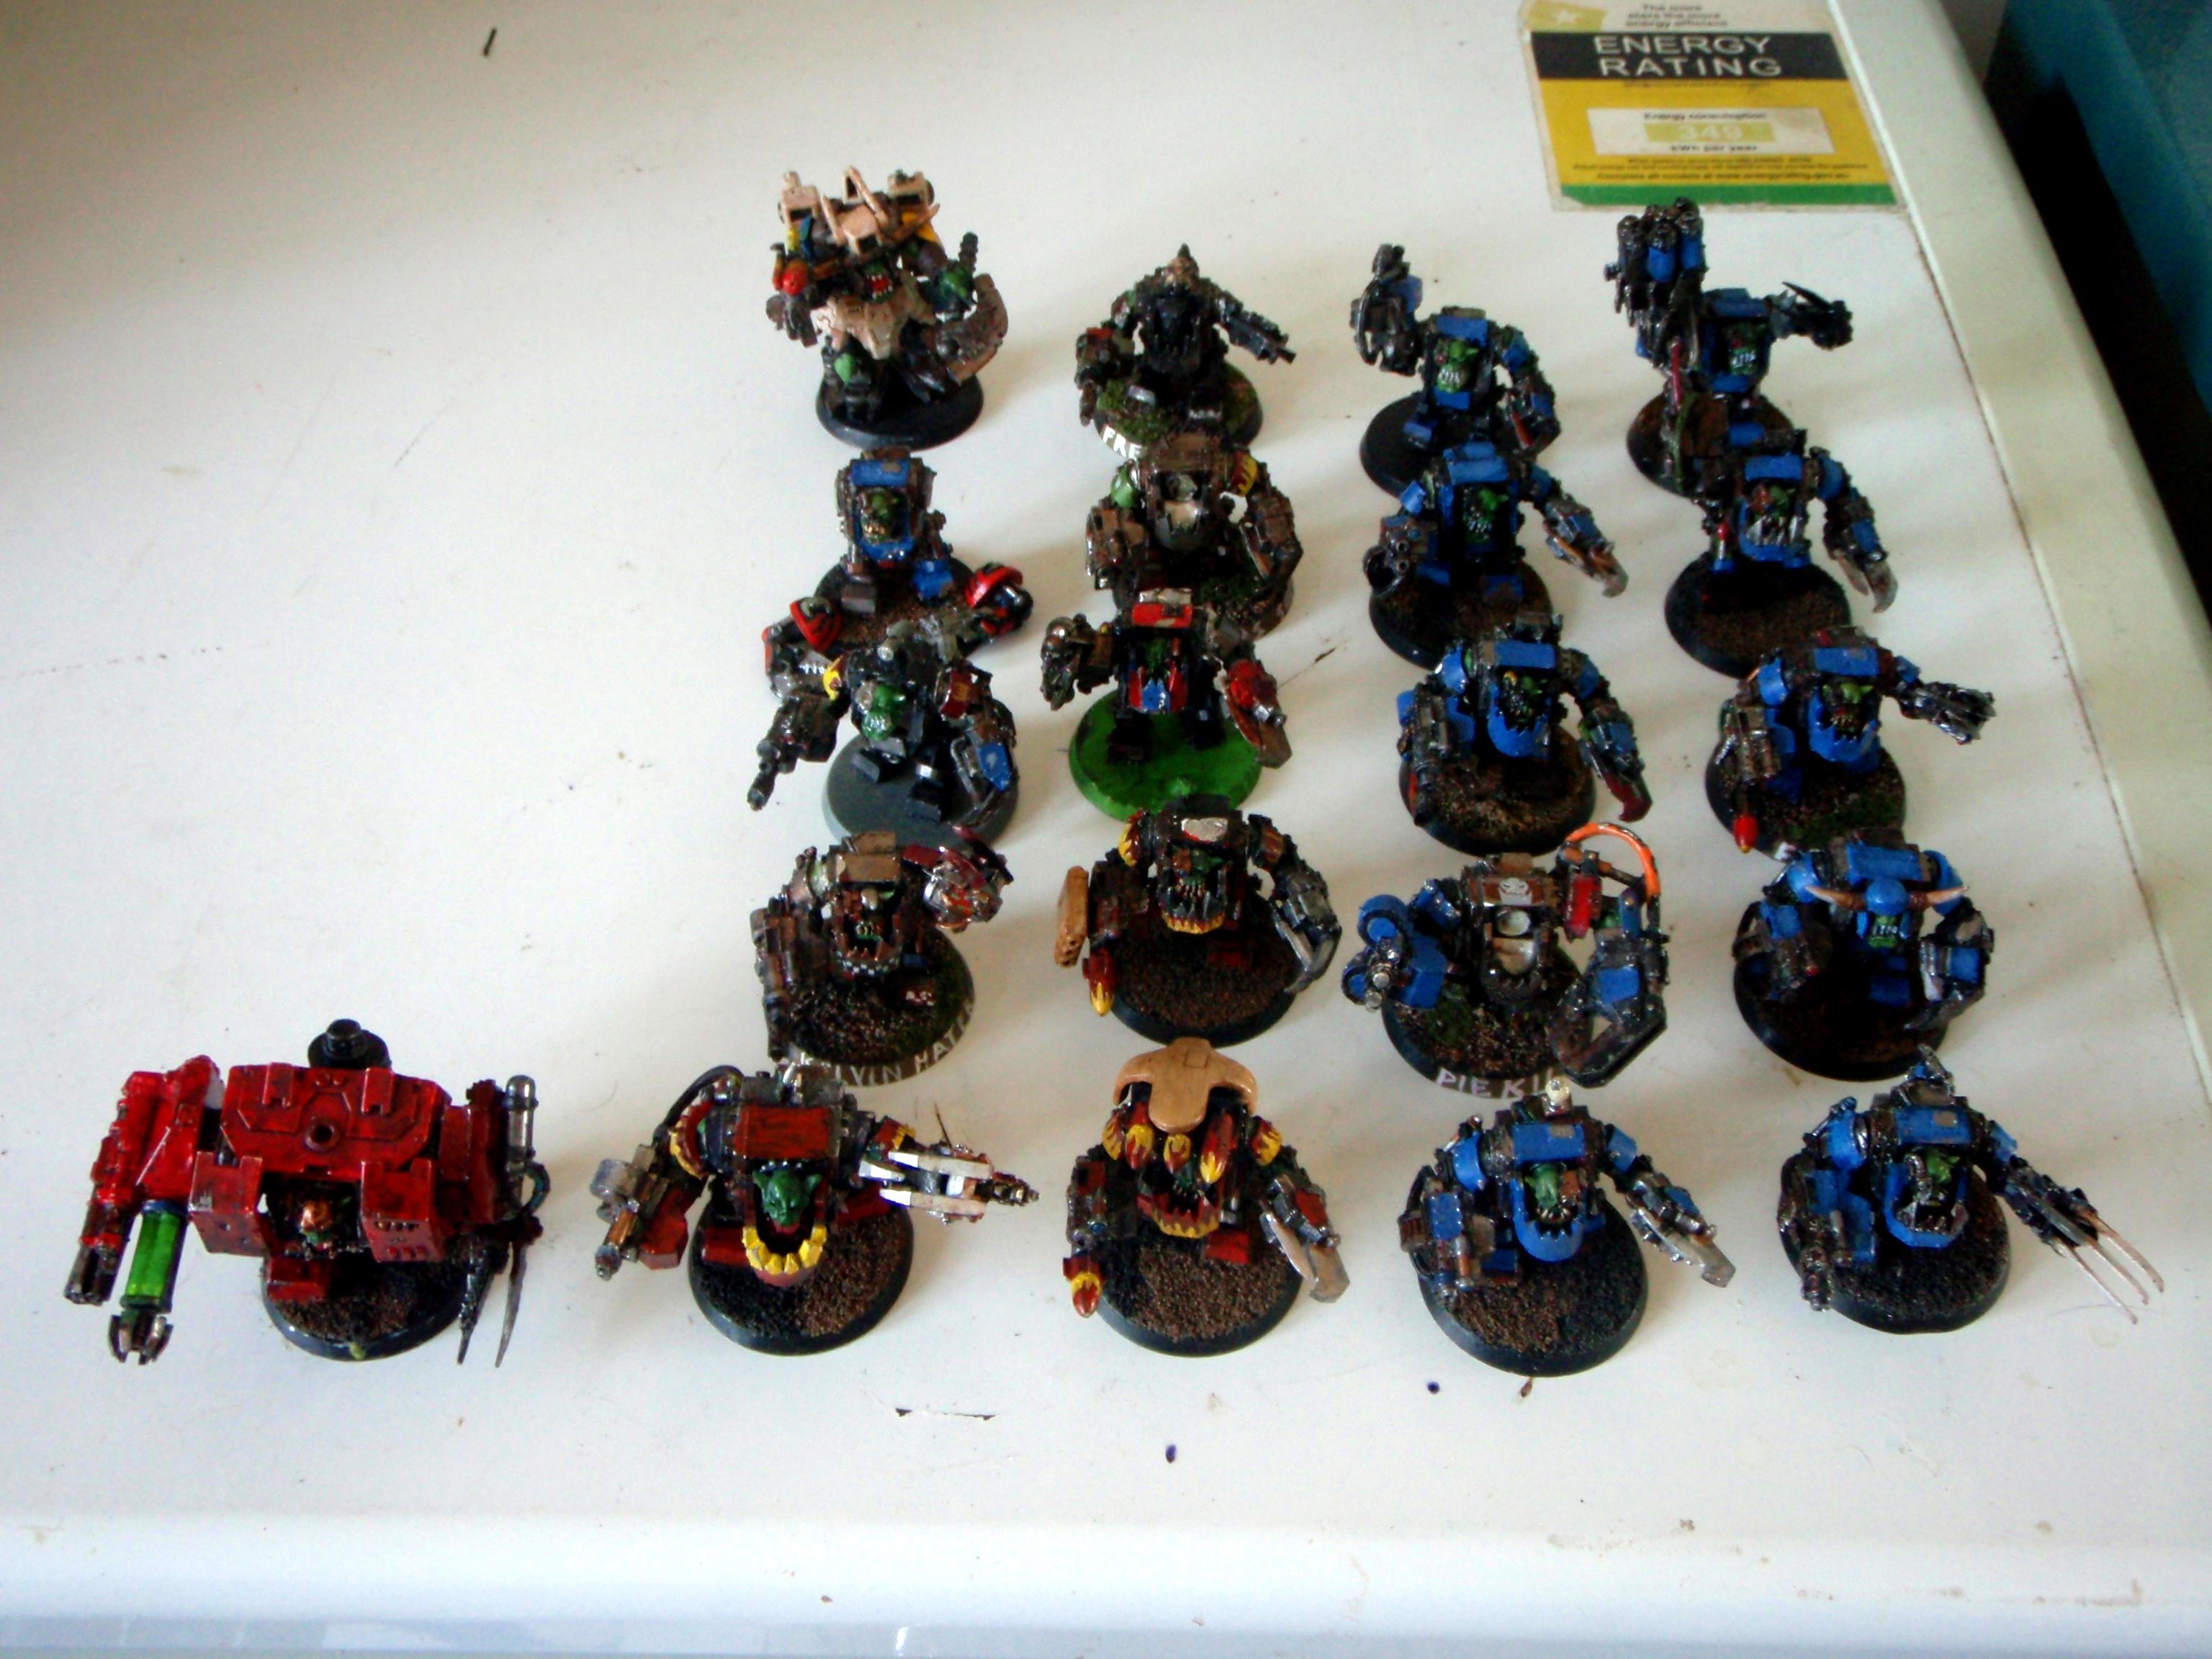 Megarmor, Nob, Orks, 21 Meganobs